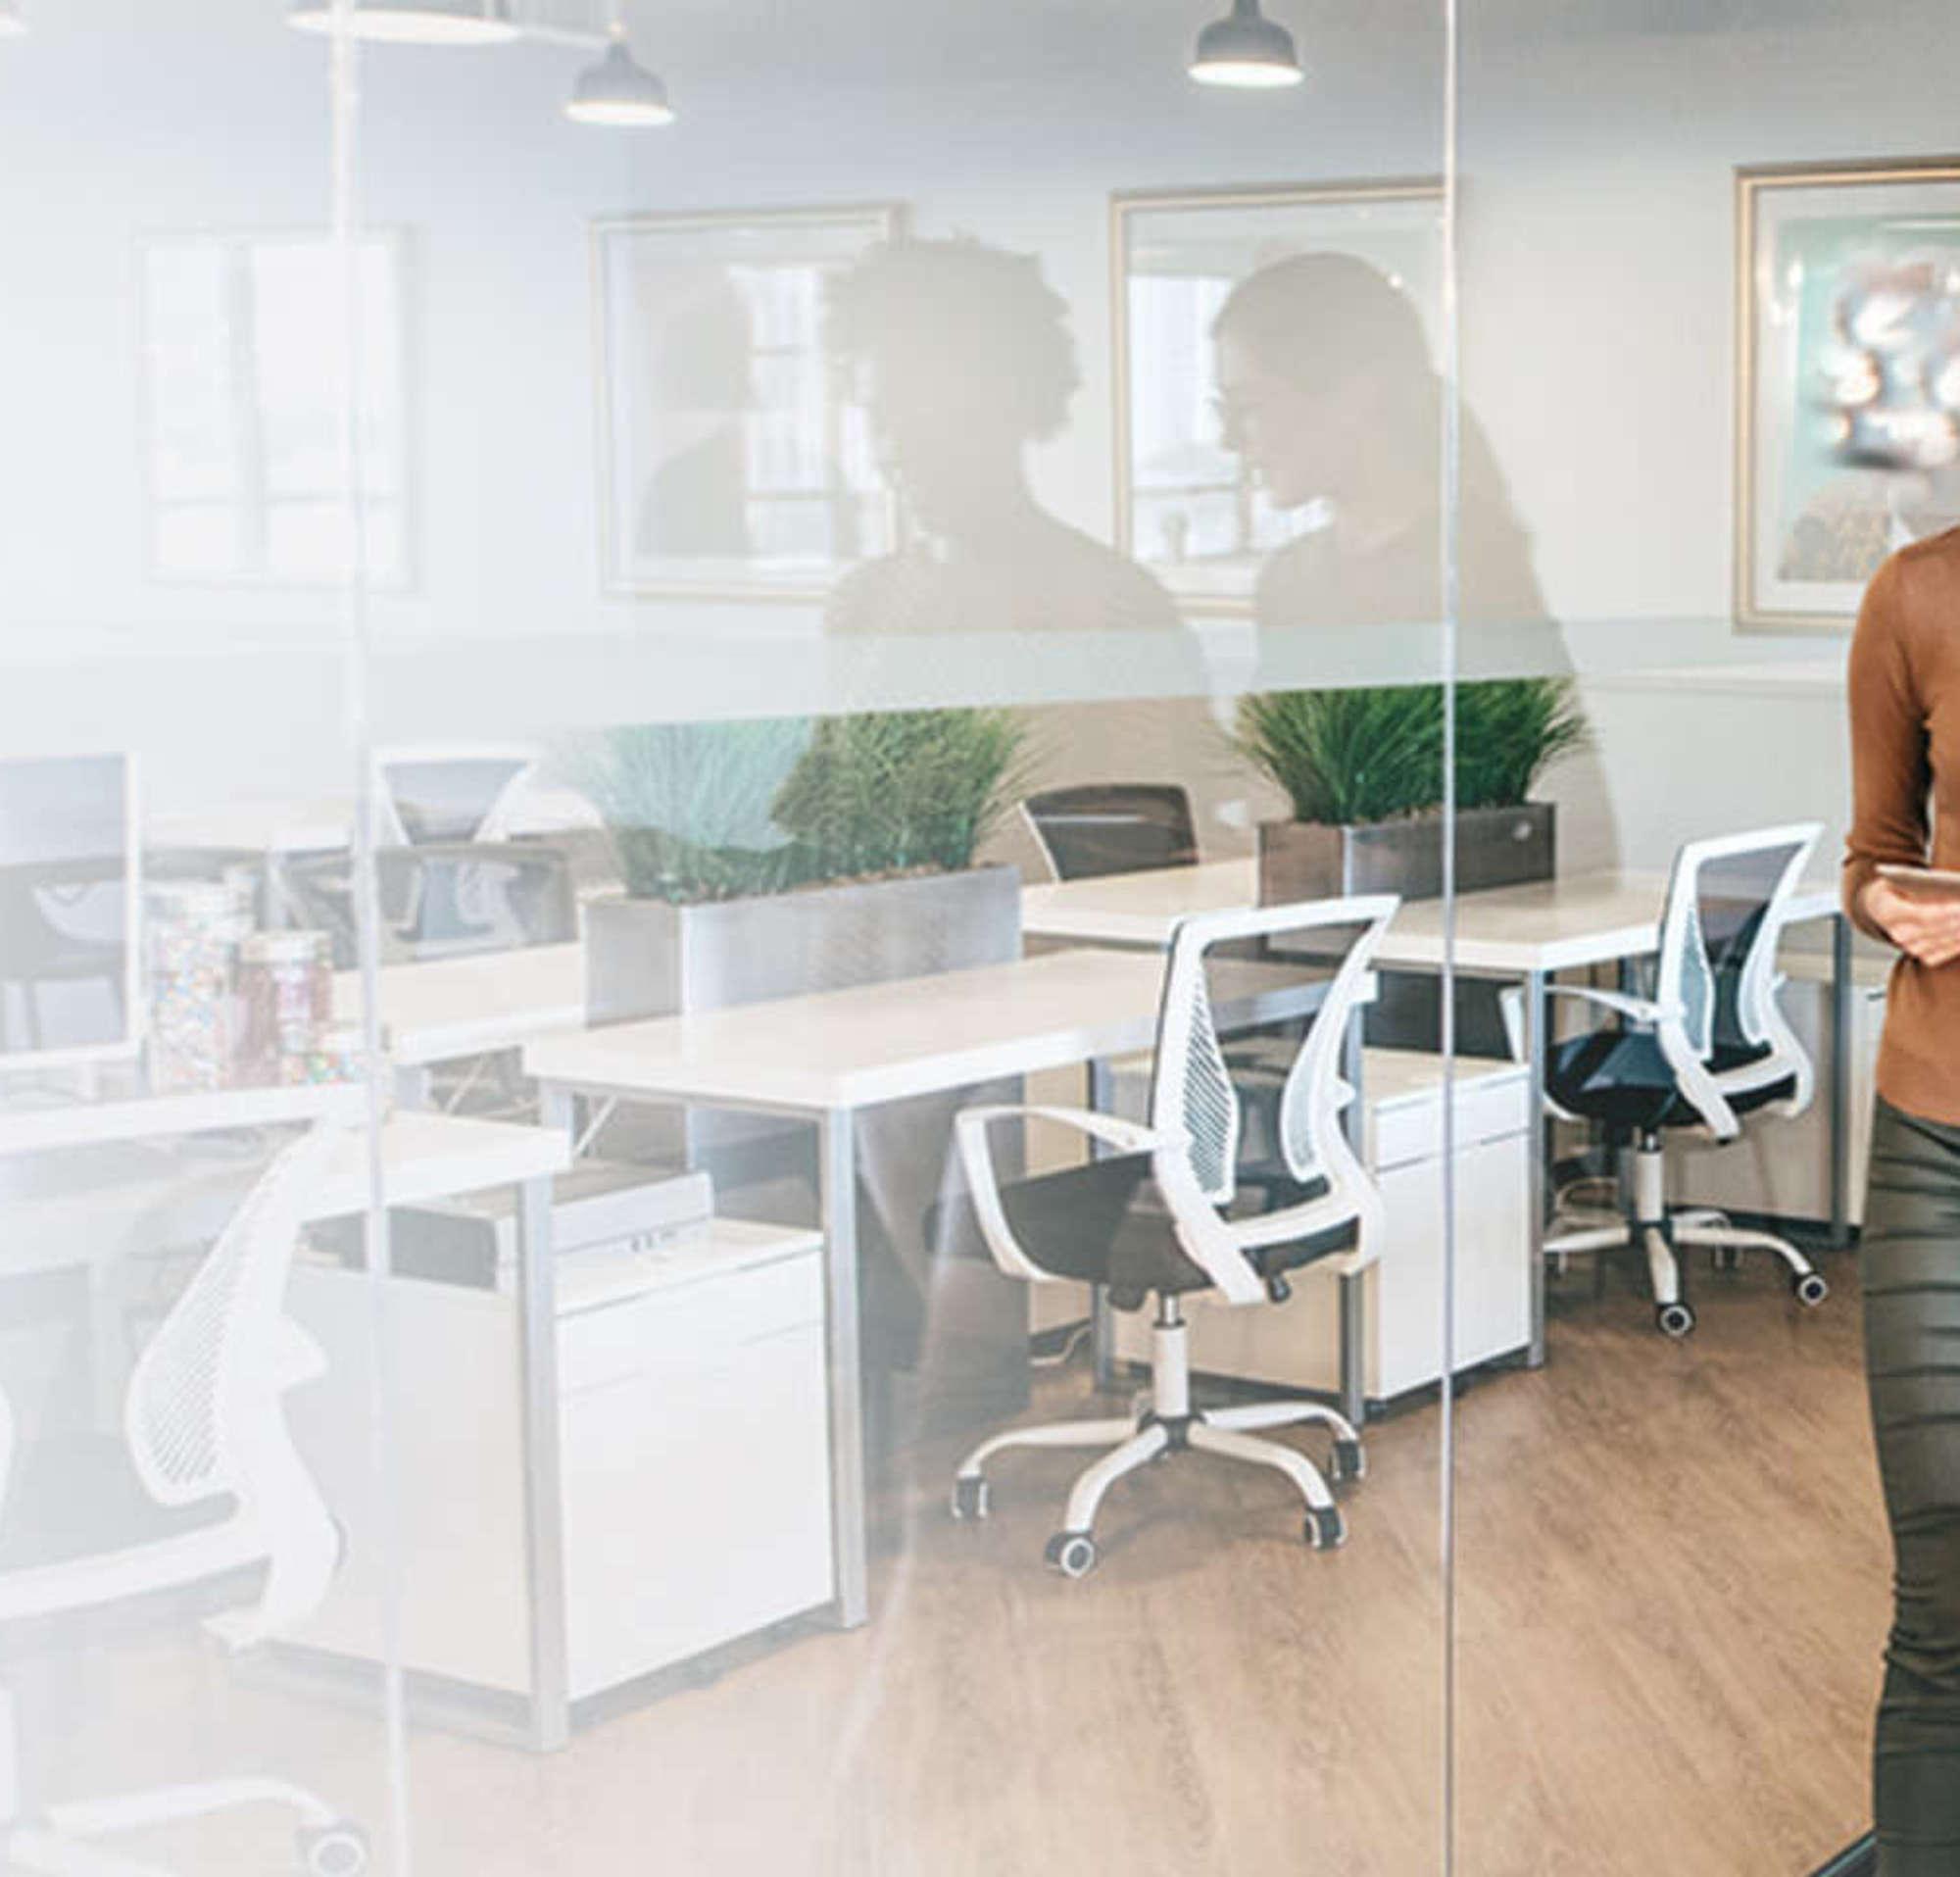 Zwei Frauen, die in einem Konferenzzimmer nebeneinander laufen und ein Dokument anschauen.